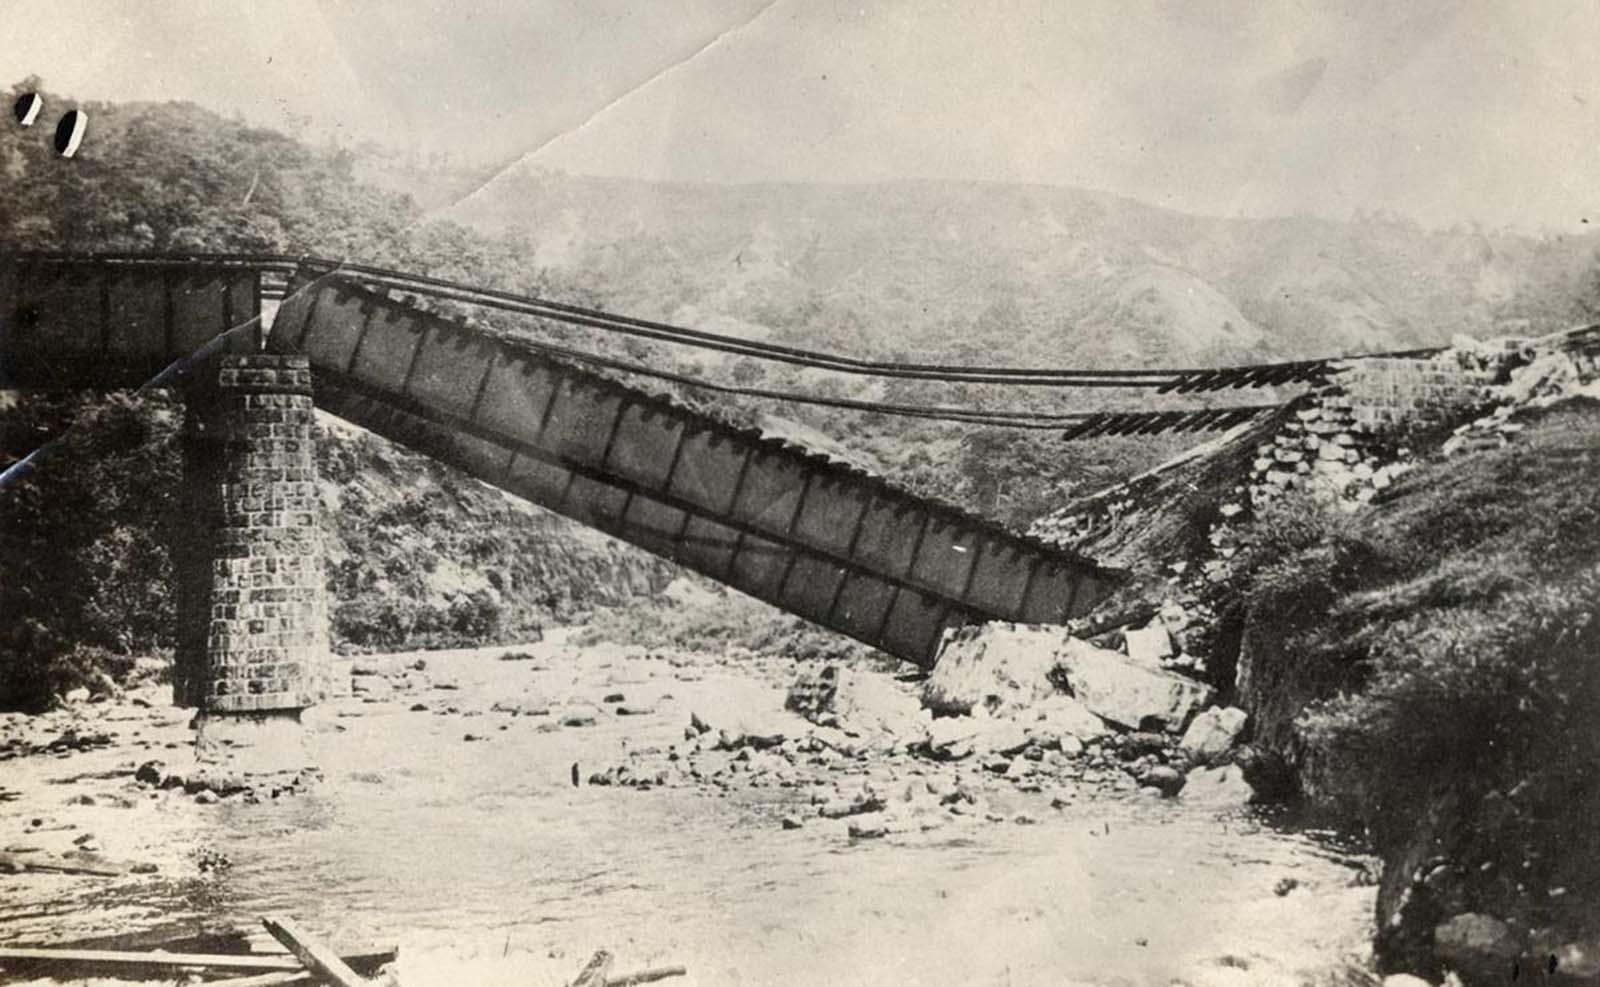 A fallen bridge.